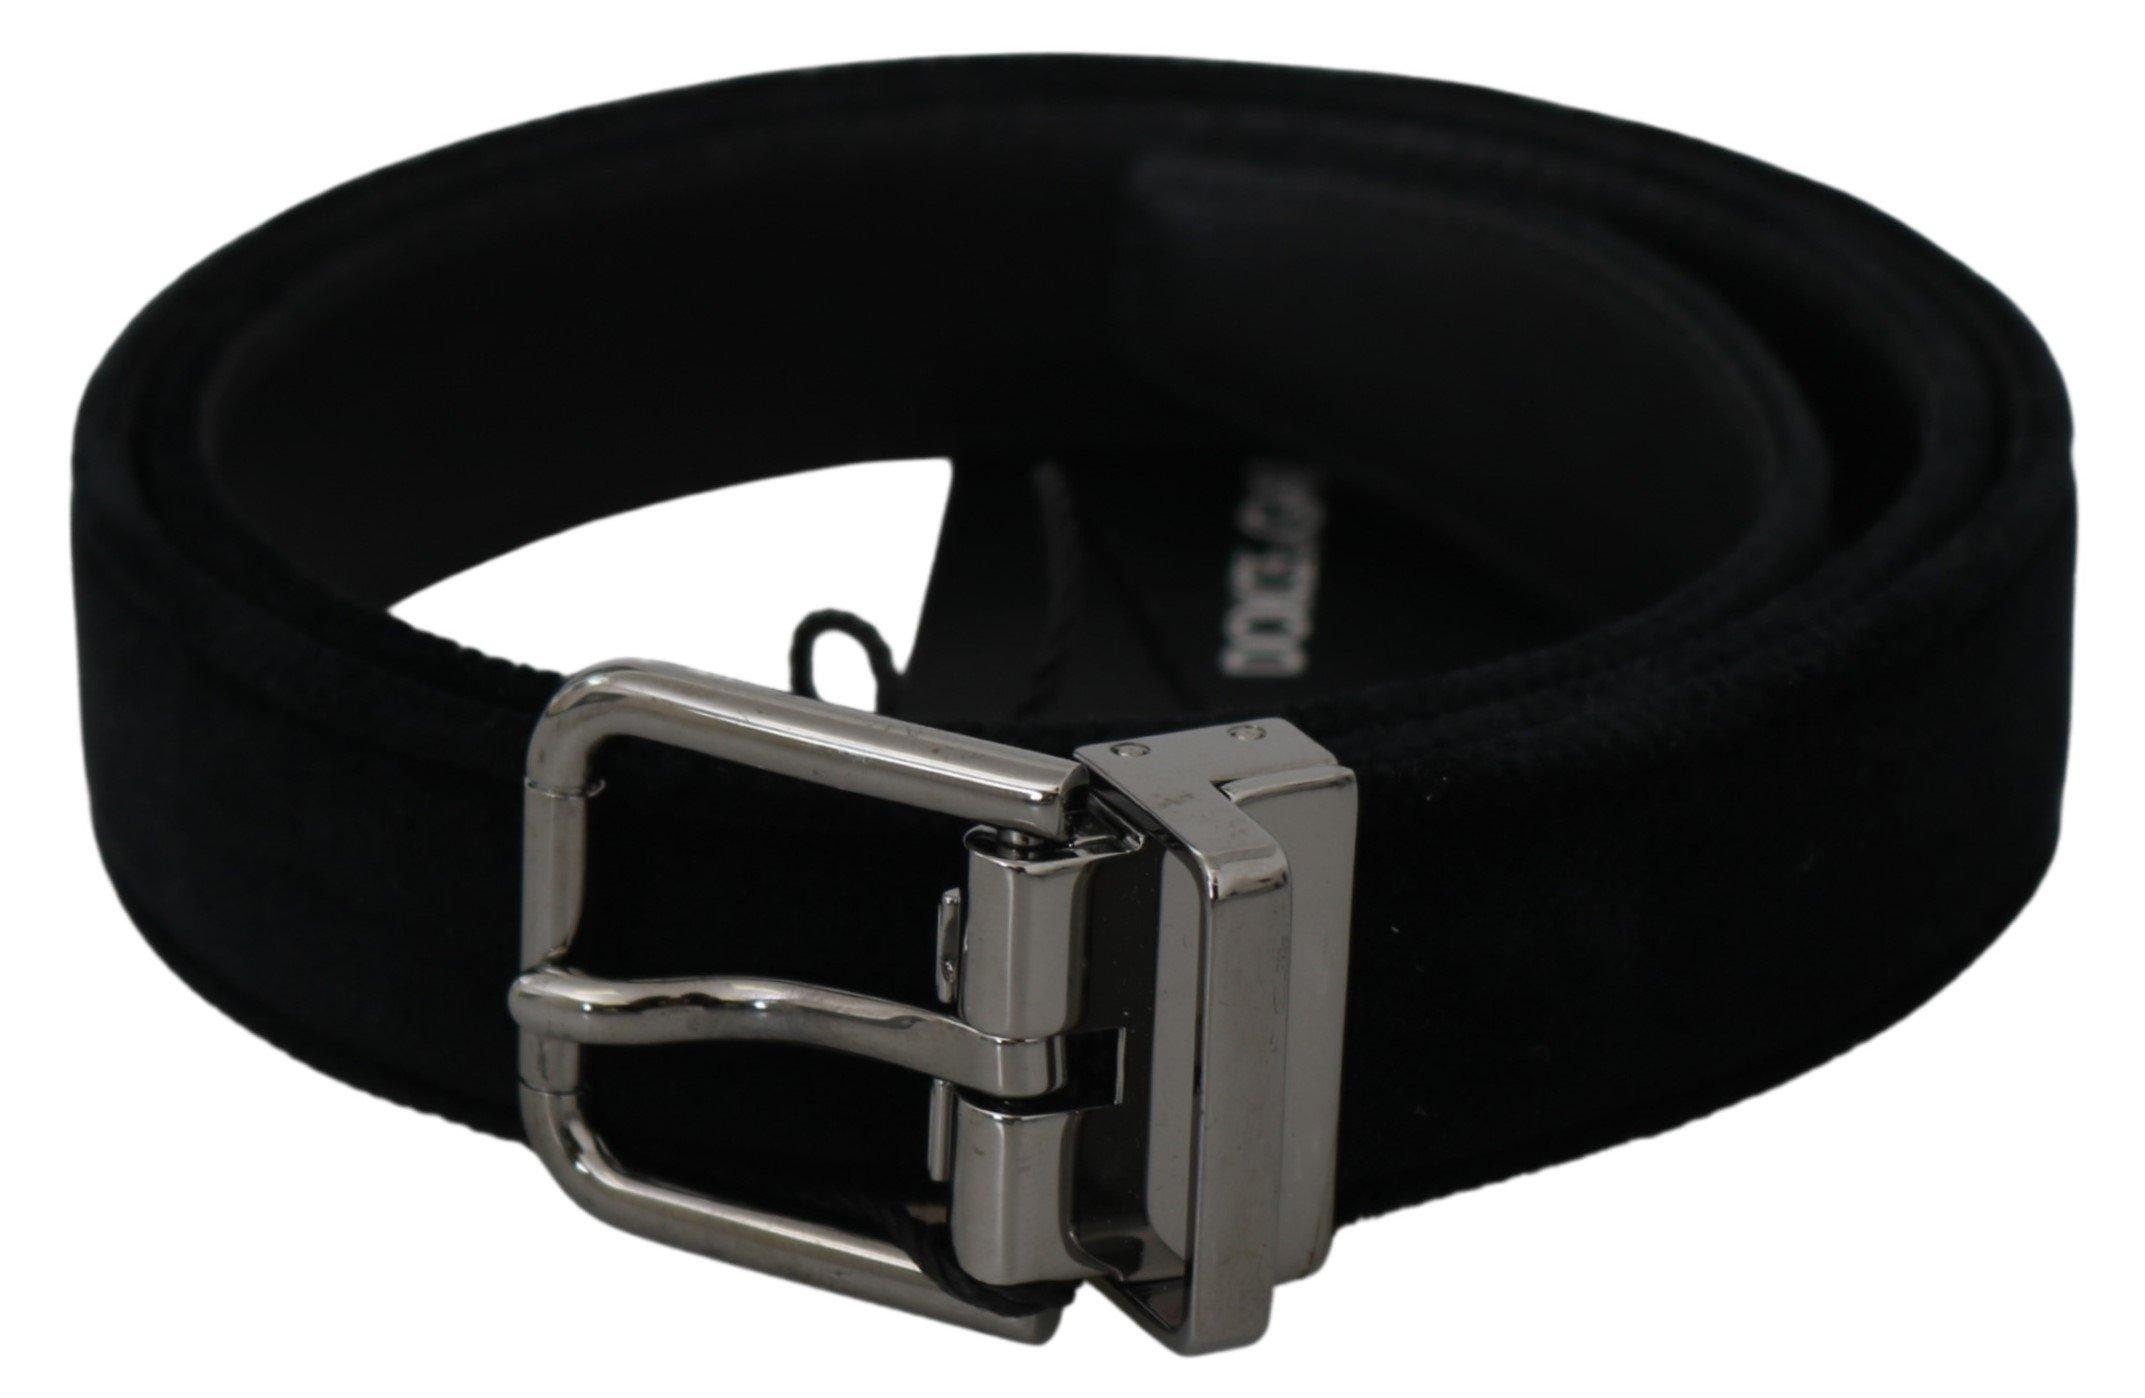 Black Velvet Leather Gray Logo Buckle Belt - 115 cm / 46 Inches